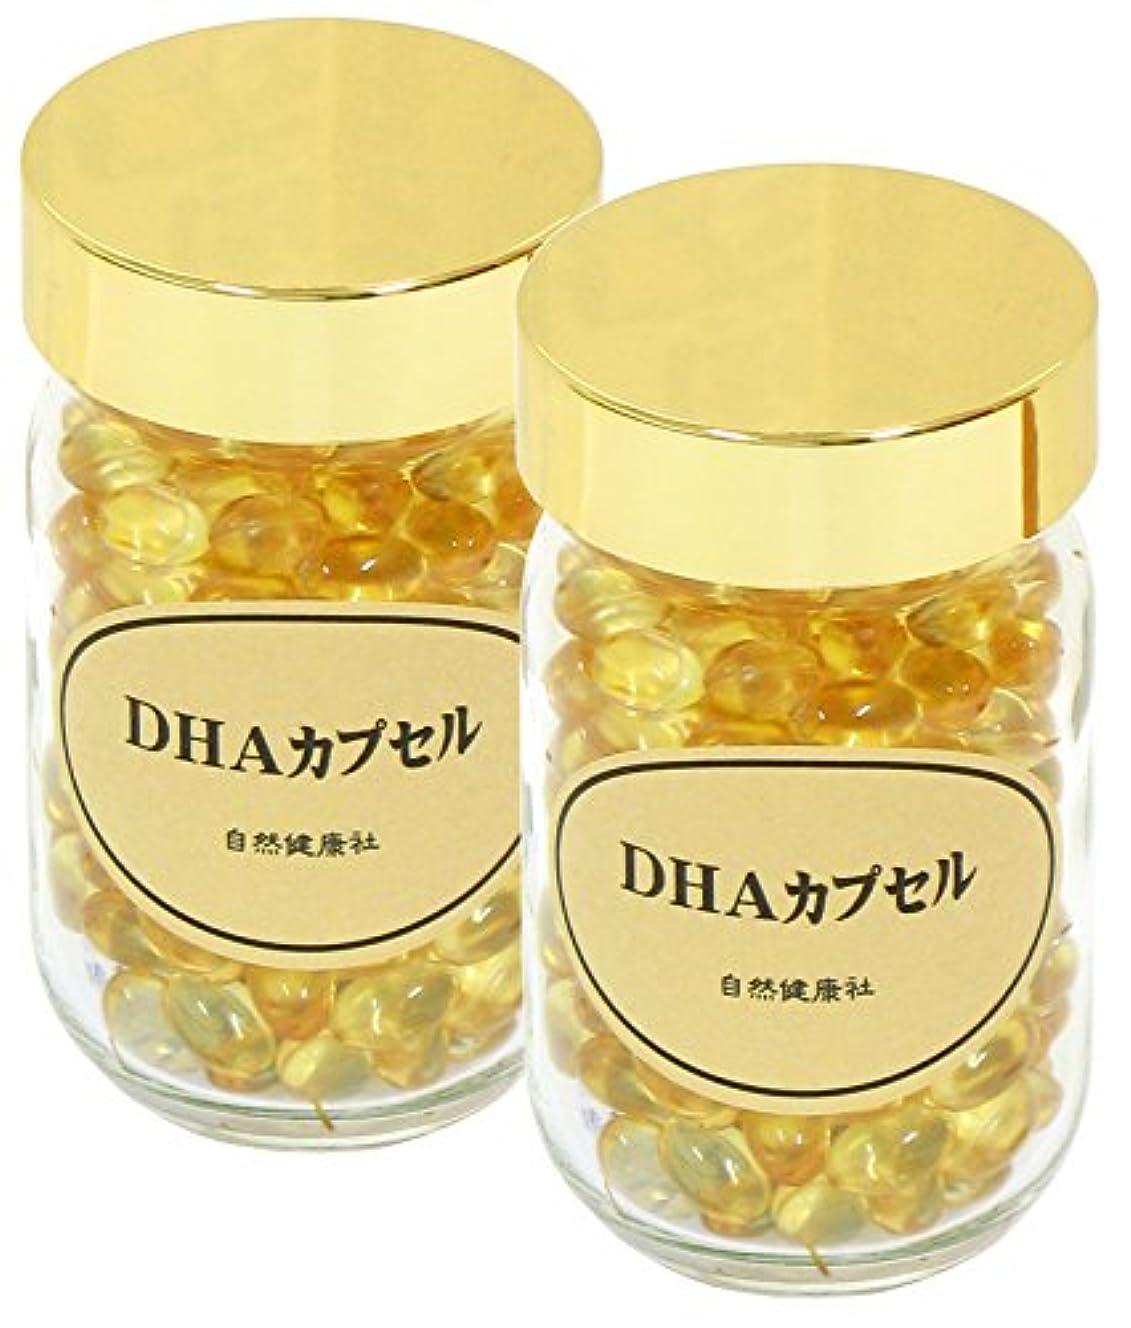 即席サンドイッチ外国人自然健康社 DHAカプセル 95g(460mg×206粒)×2個 ビン入り